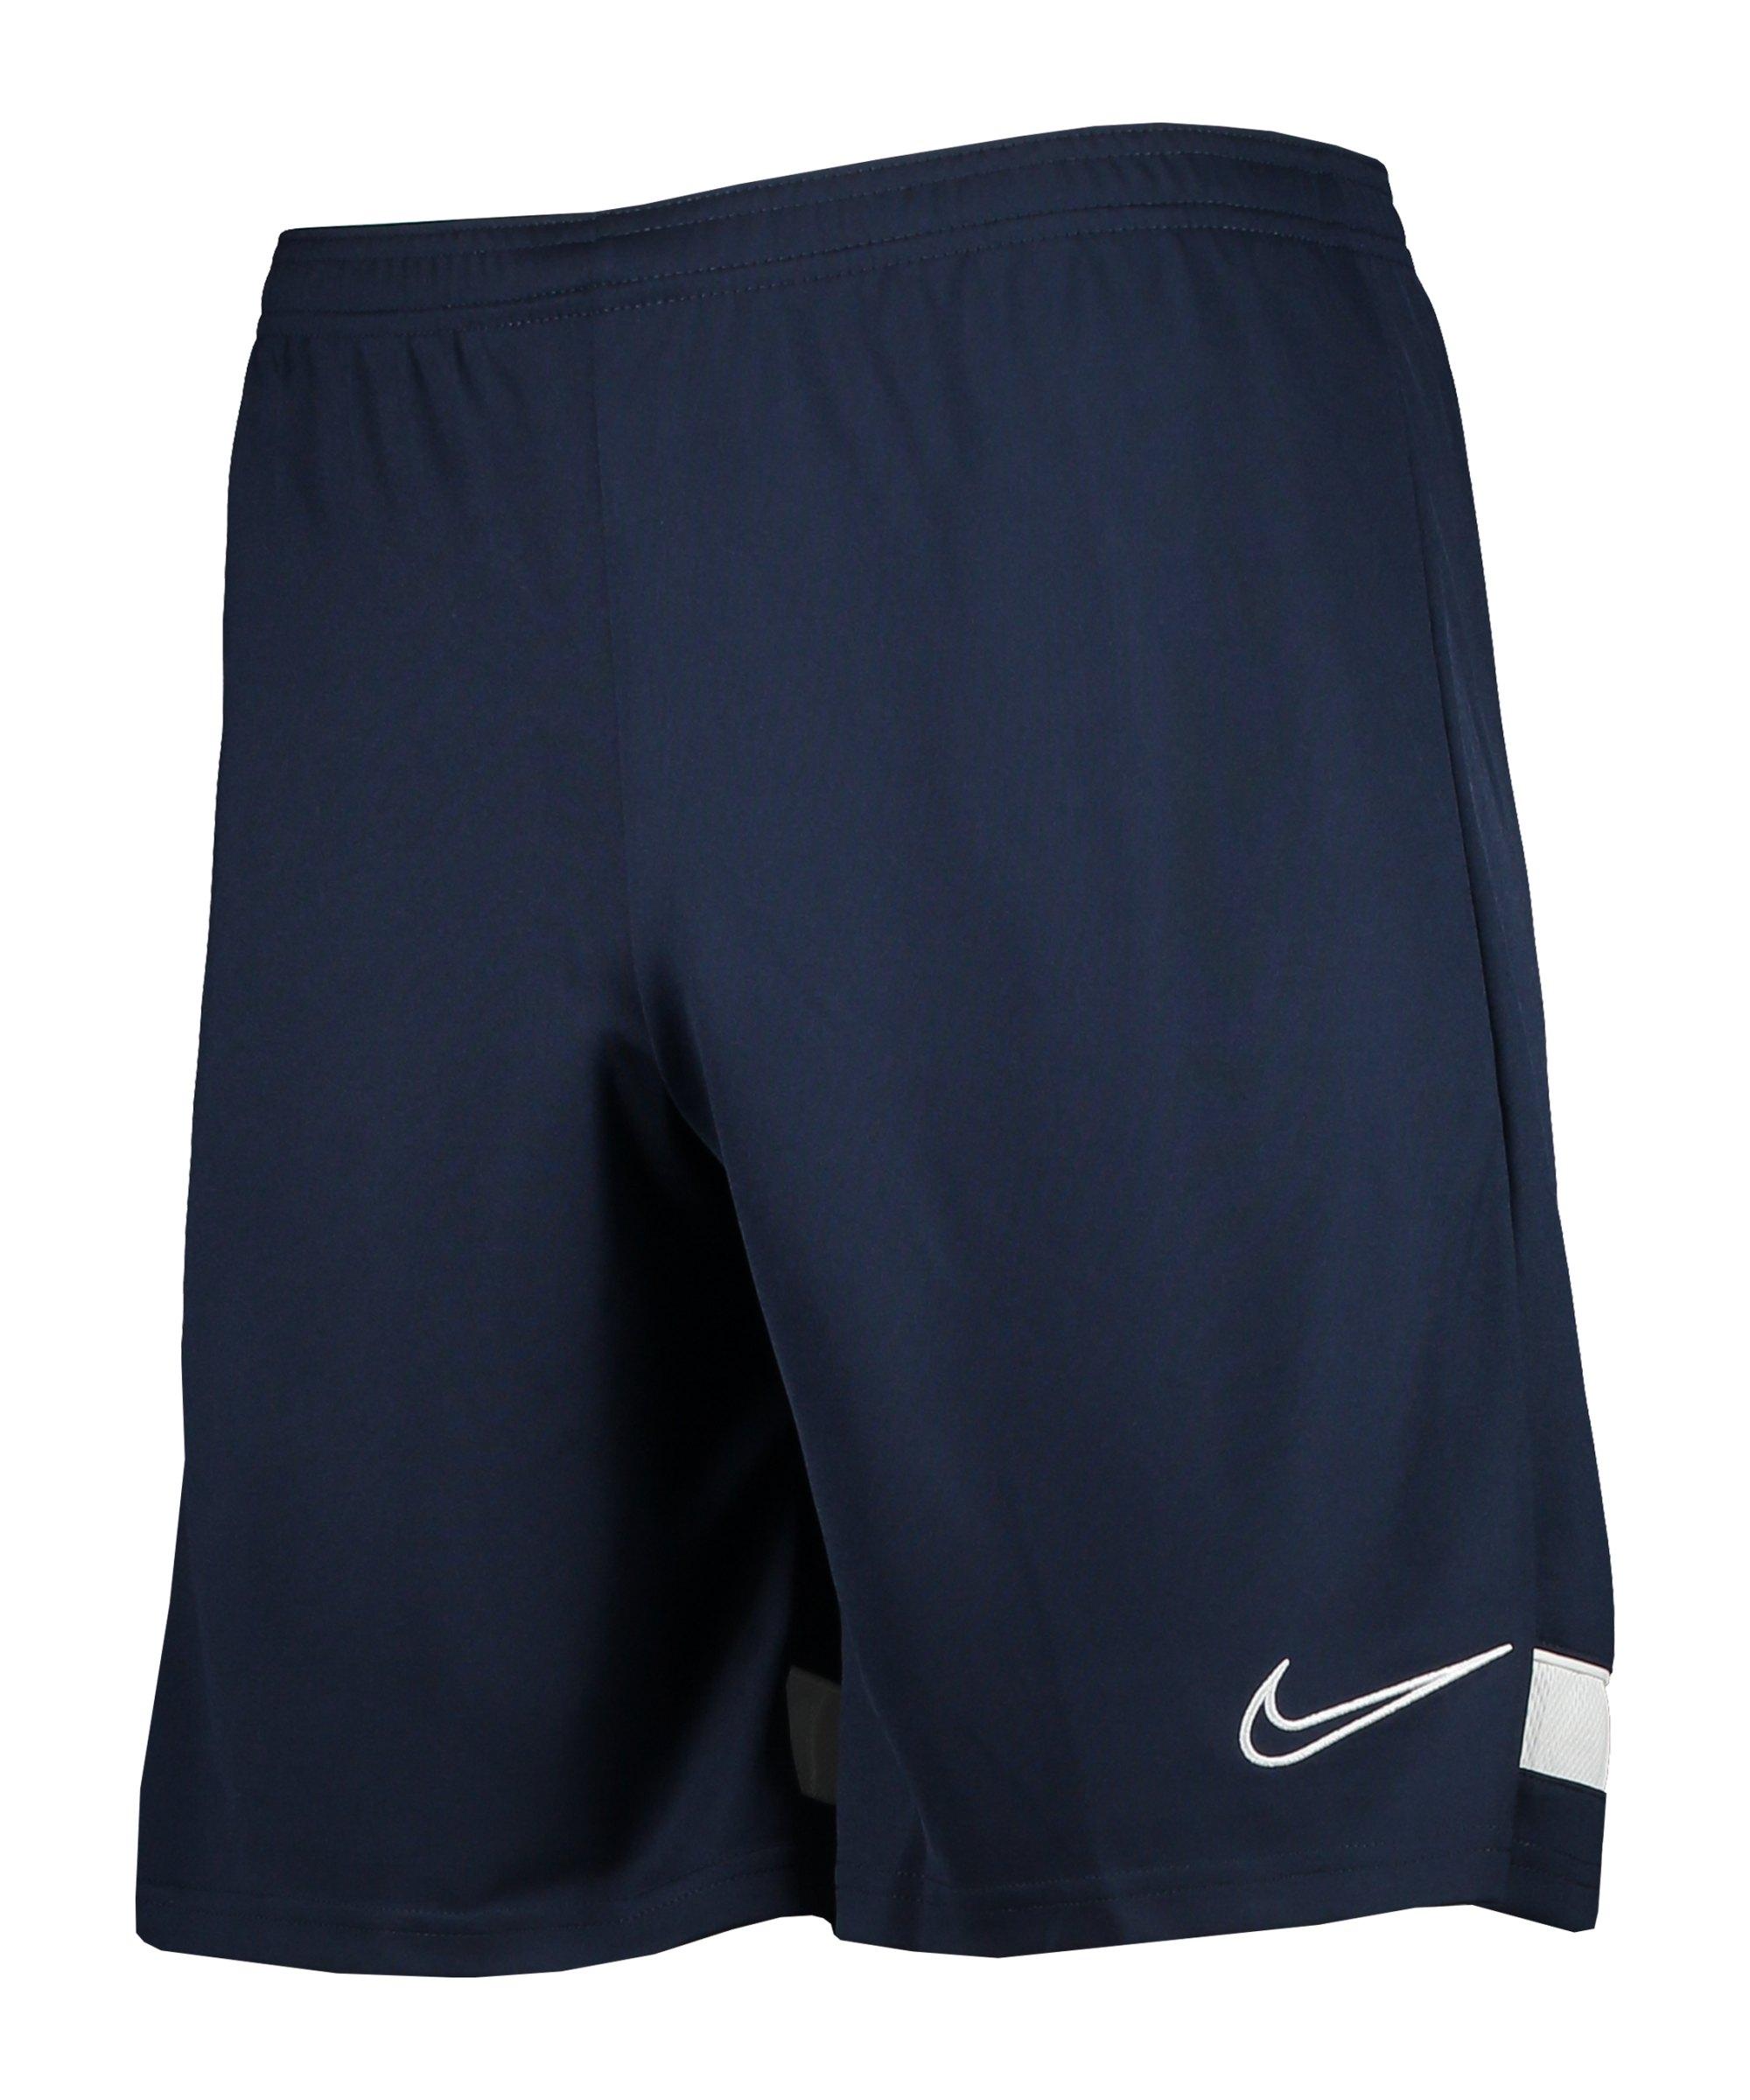 Nike Academy 21 Short Blau Weiss F451 - blau